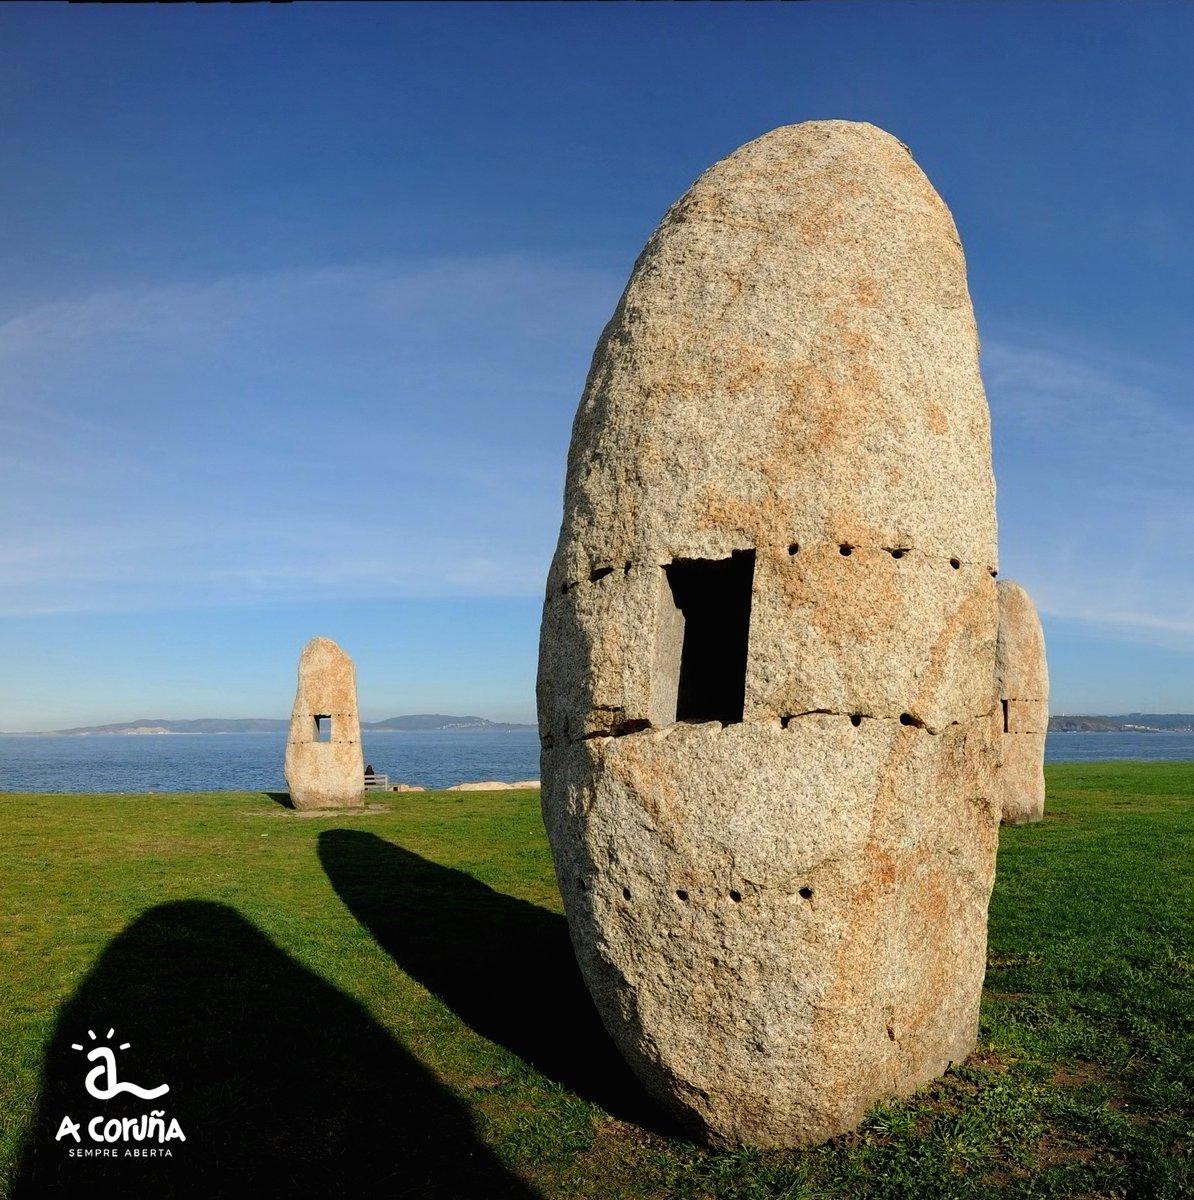 🍀 Un lugar para el relax y el disfrute, el Parque Escultórico de la @torrehercules #SiempreAbierta https://t.co/l2mxeMYmJI